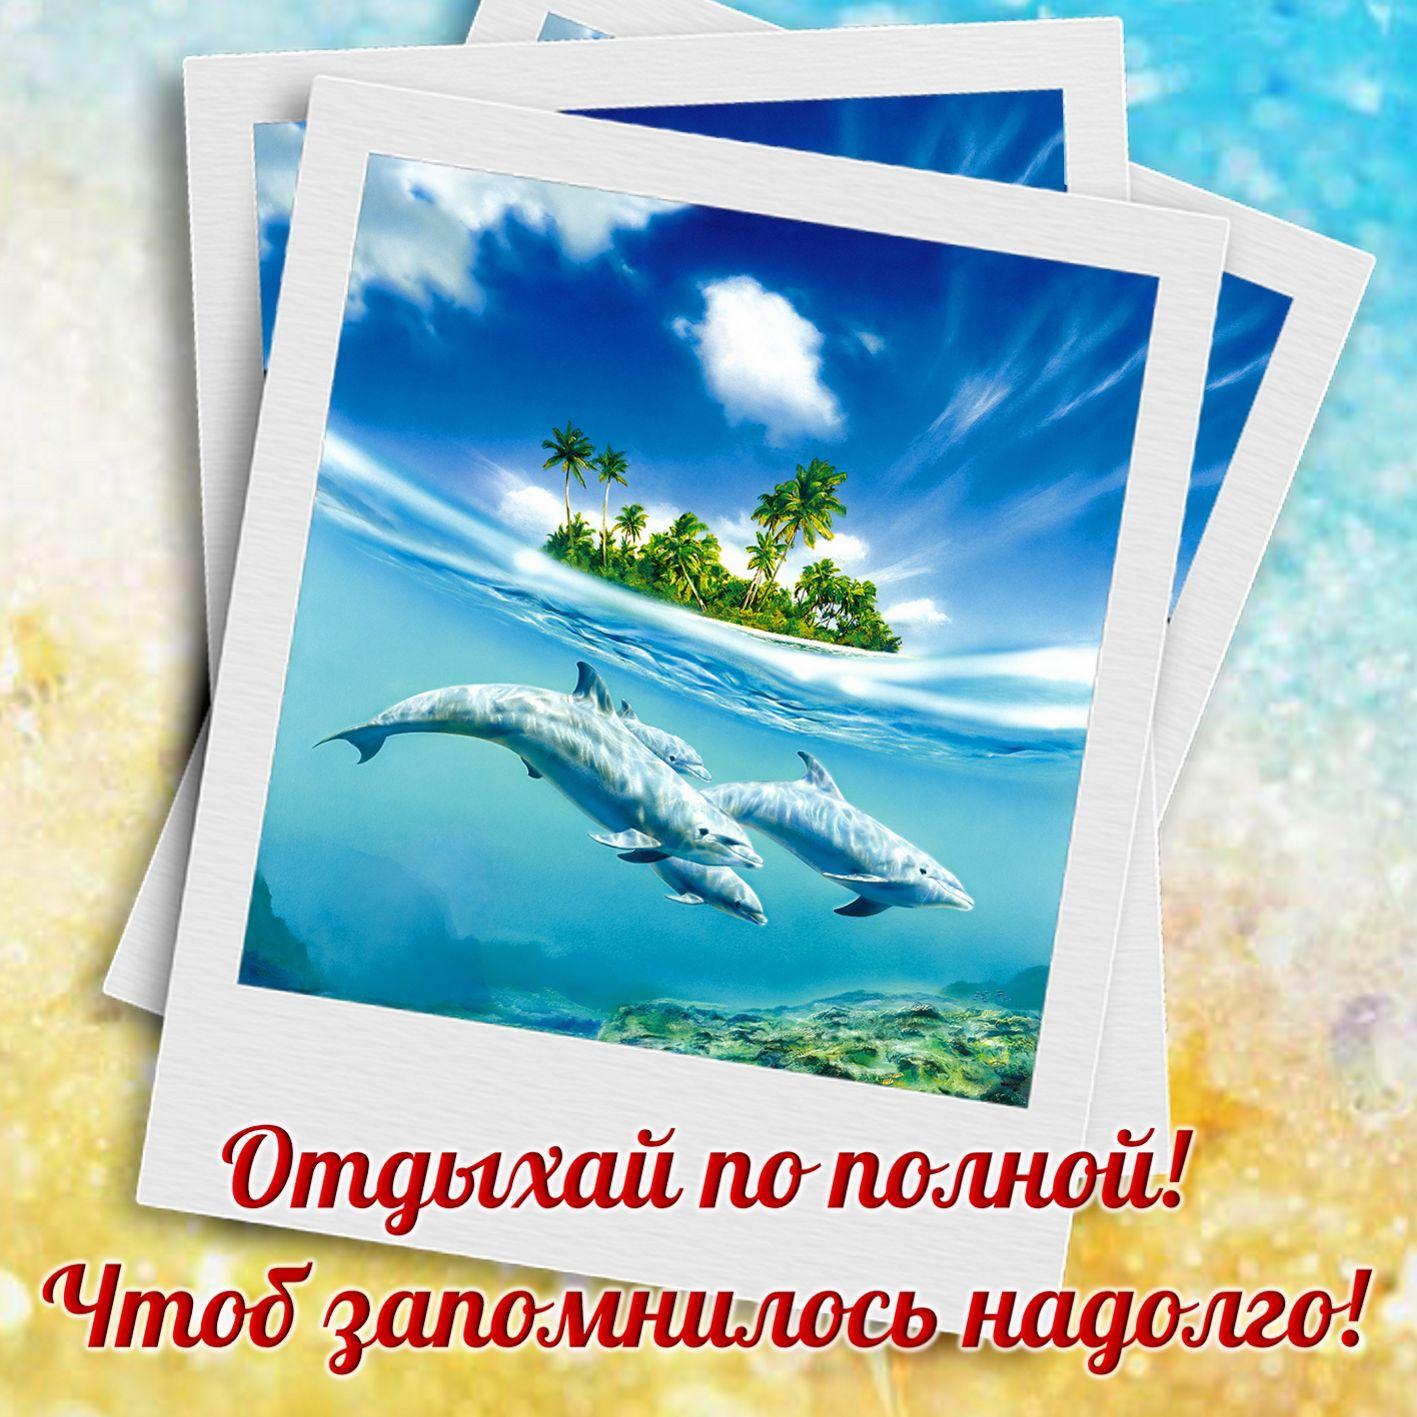 Развиващие задания. С дельфинами Картинки с дельфином скачать бесплатно. Красивые картинки открытки с дельфином. Скачать картинки с дельфином. Смешные картинки с дельфином. Дельфины открытки высокого качества. Дельфины открытки картинки. Картинки дельфинов нарисованные.